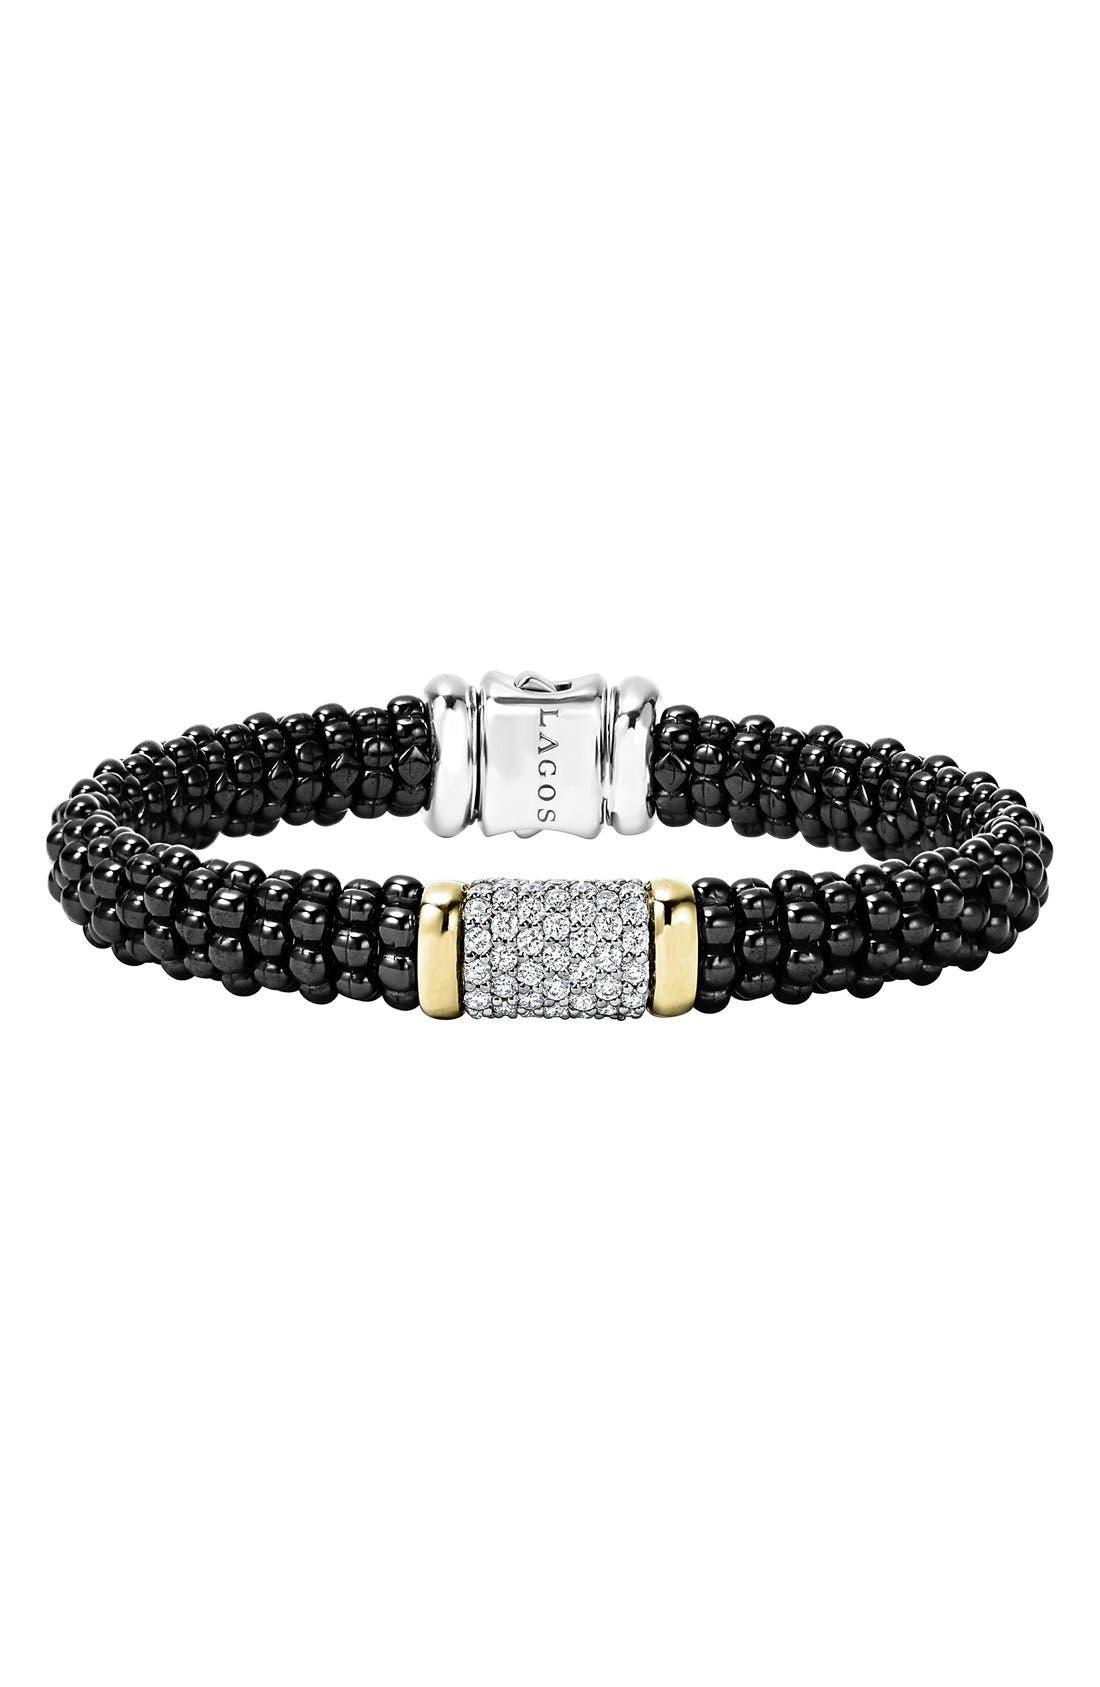 LAGOS 'Black Caviar' Diamond Pavé Rope Bracelet